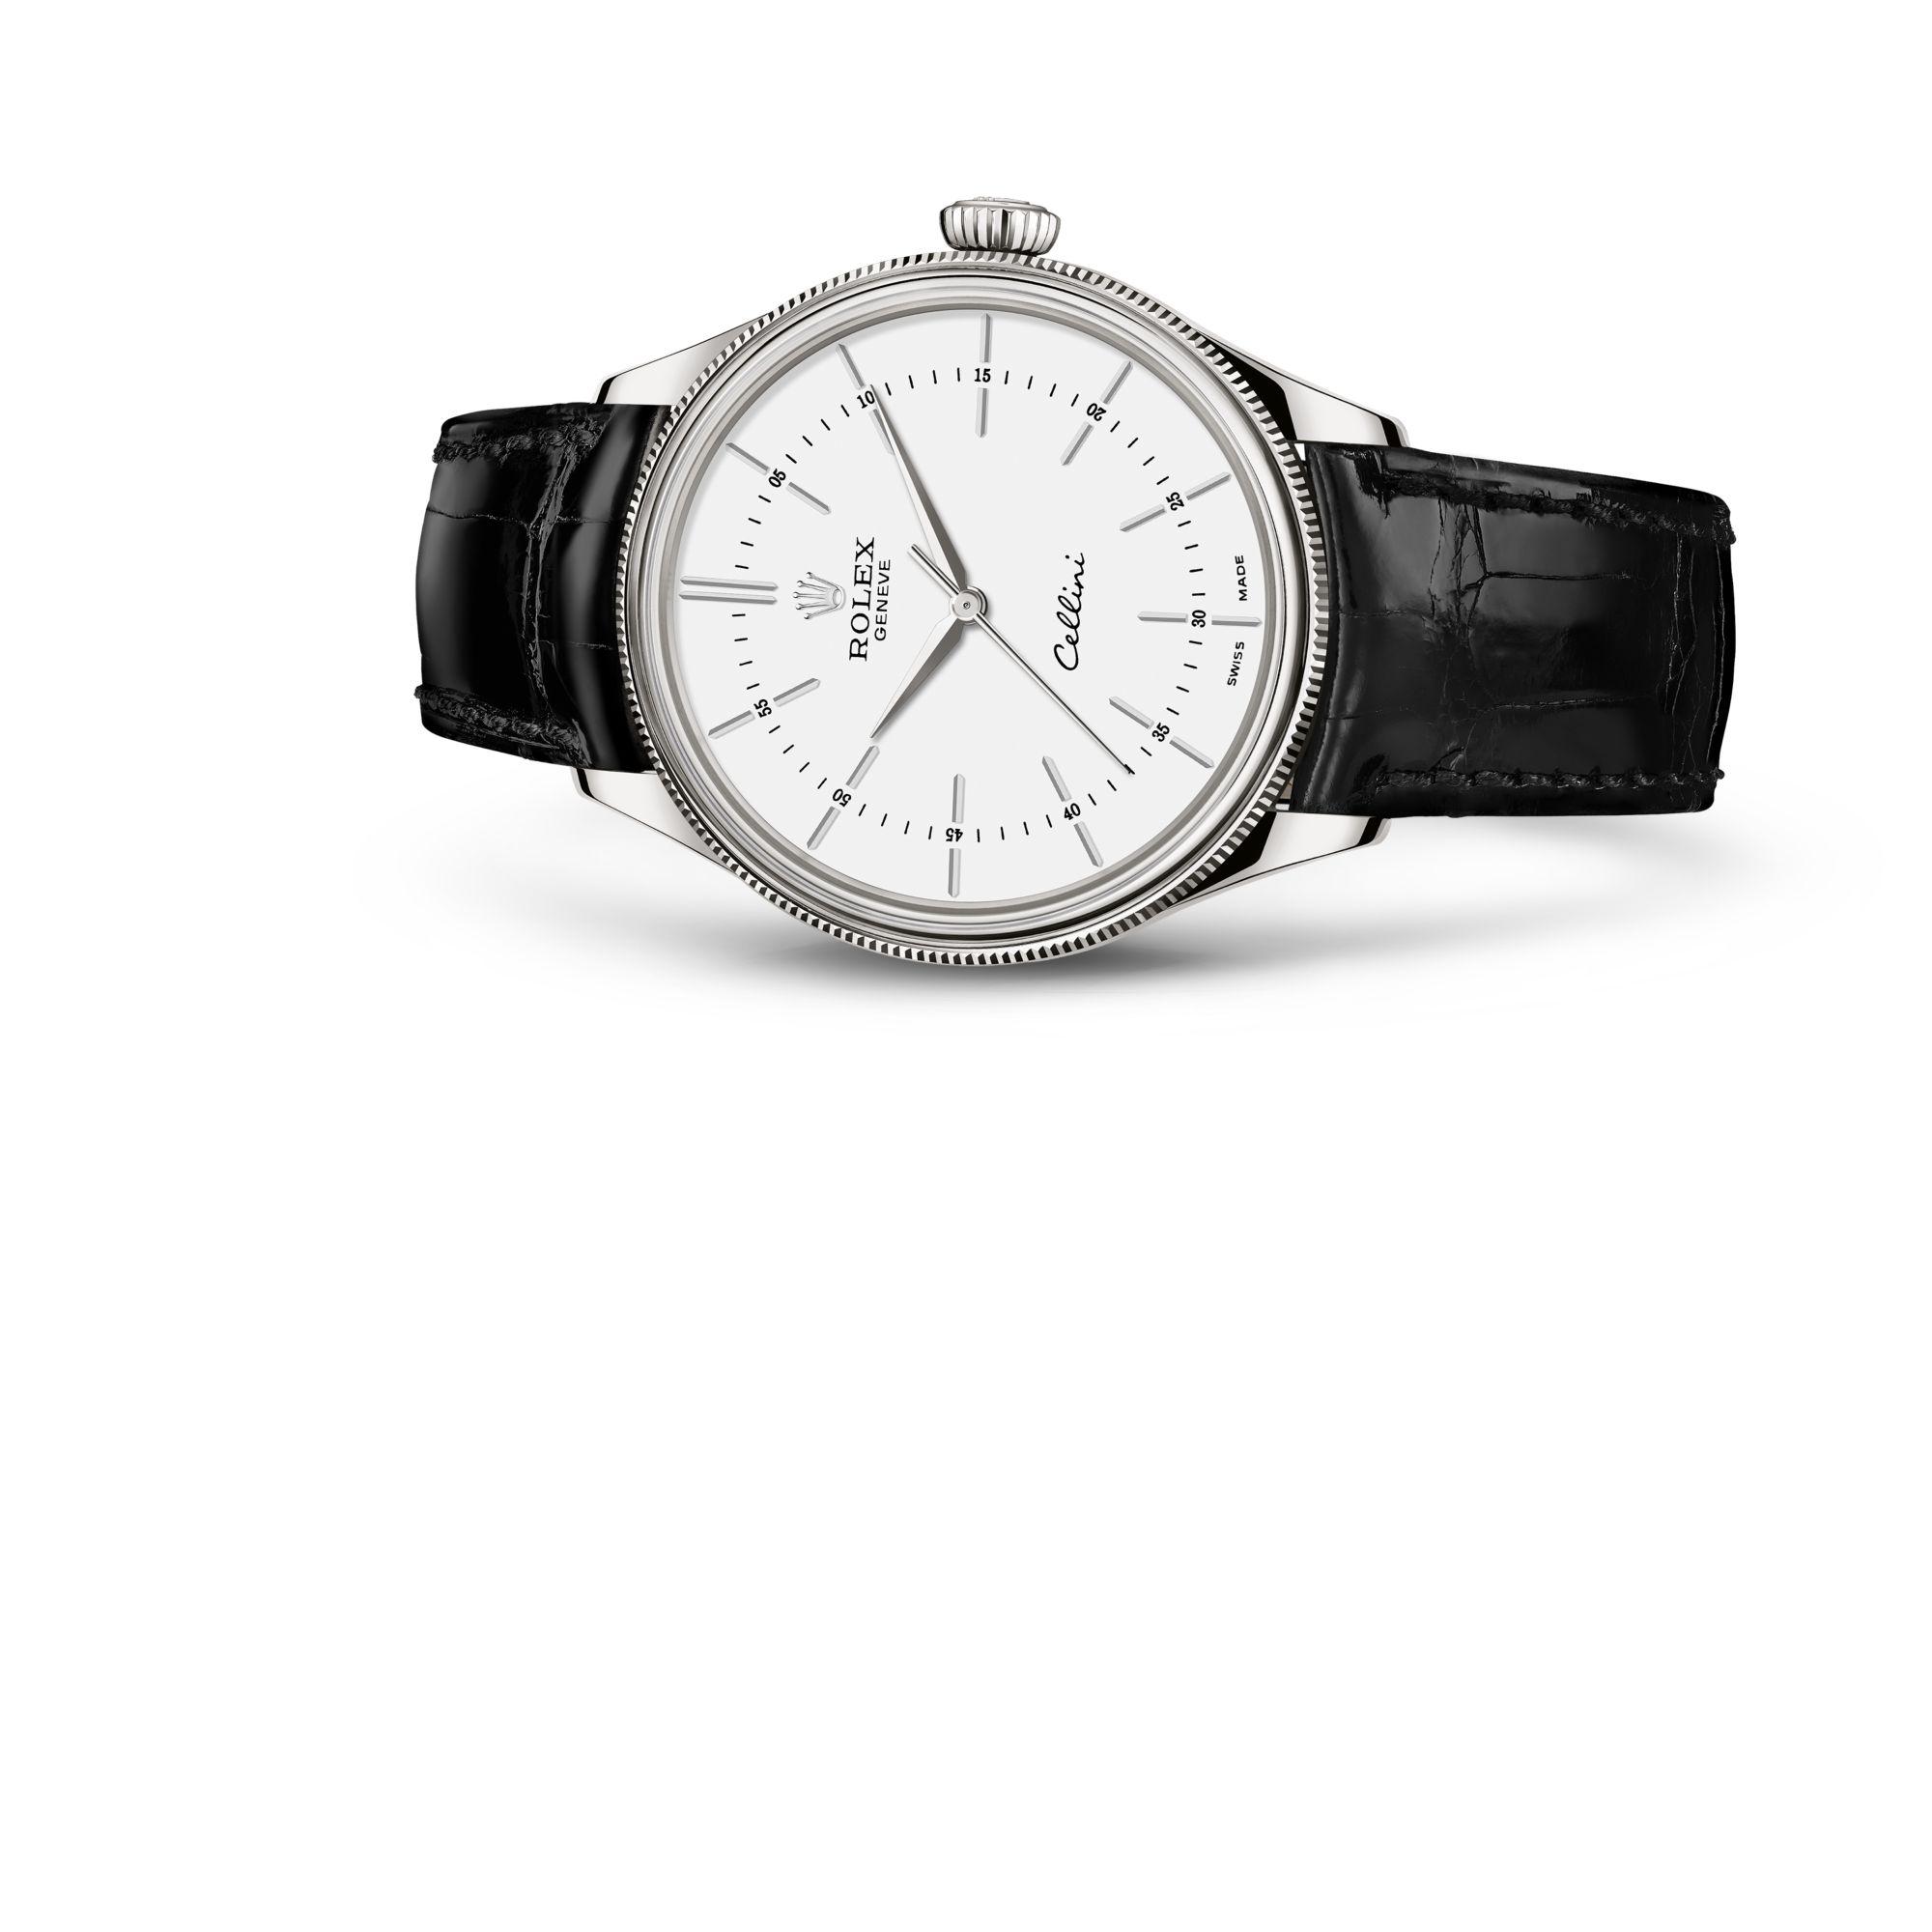 Rolex Cellini Time M50509-0016